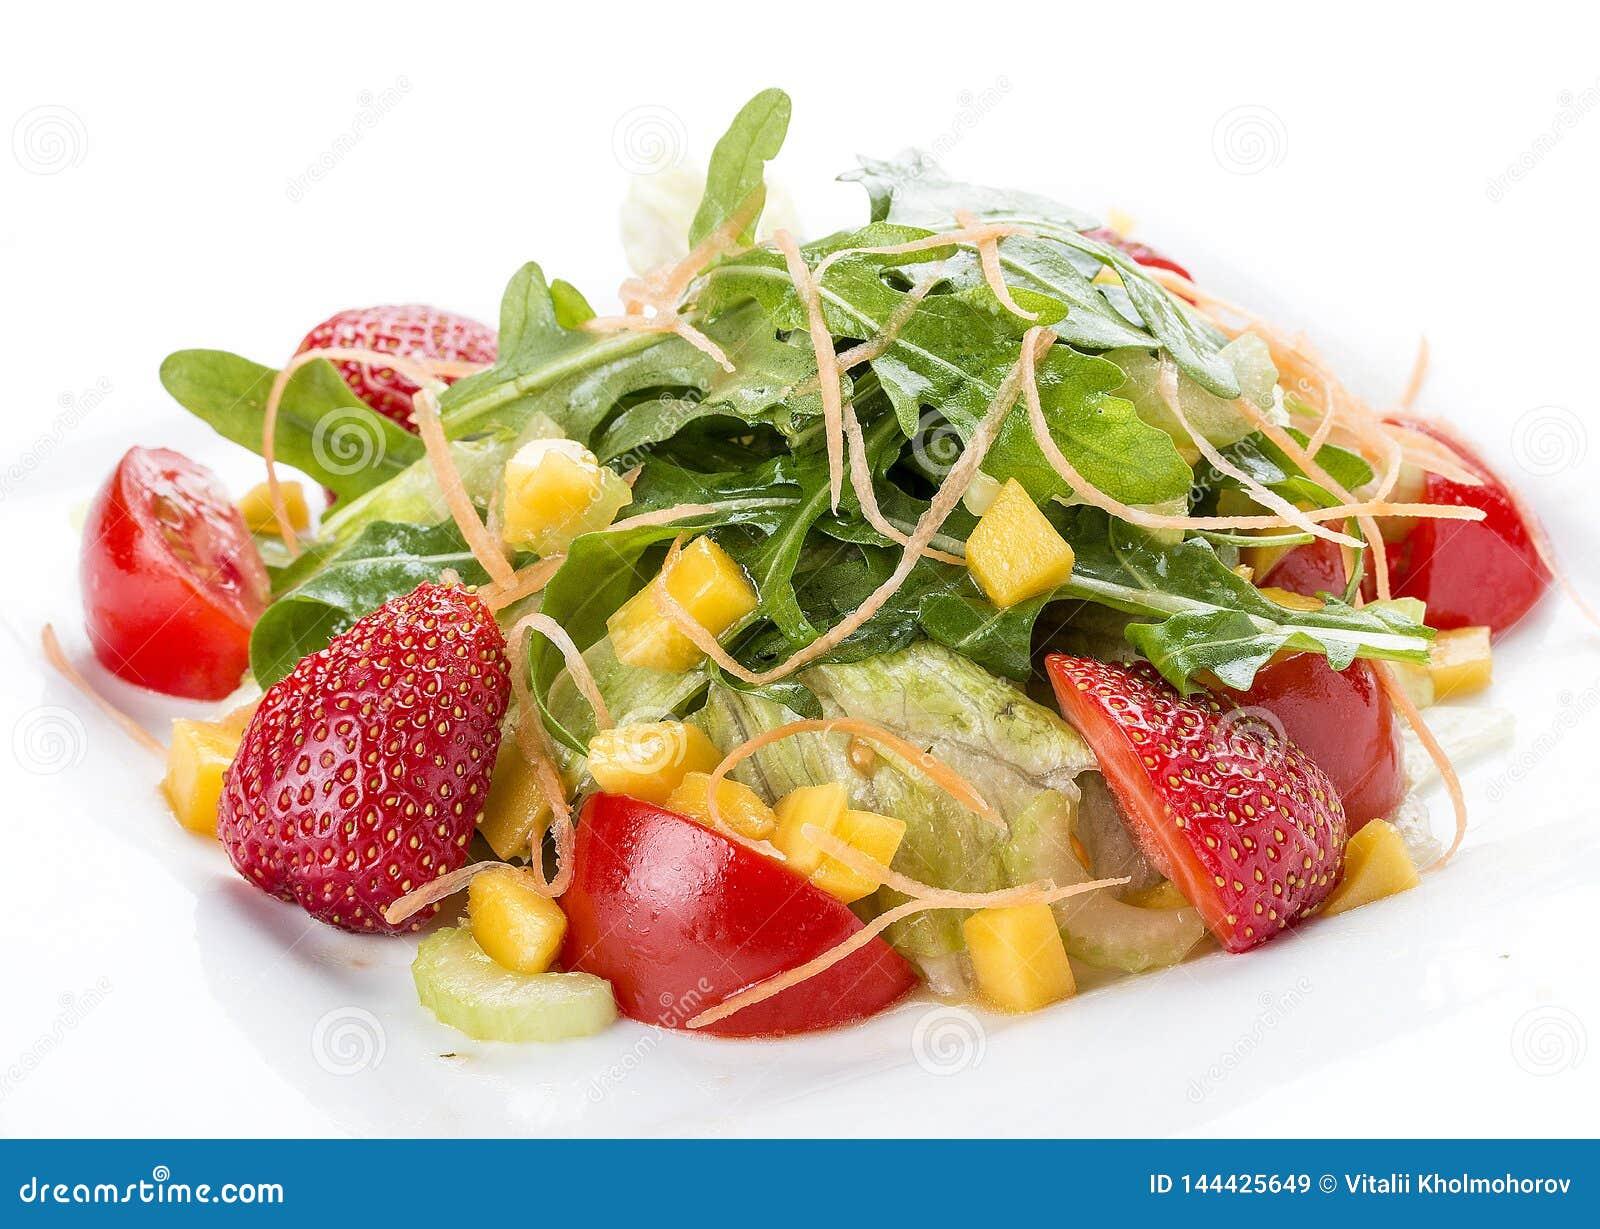 夏天沙拉用草莓和蕃茄 在一块白色板材上